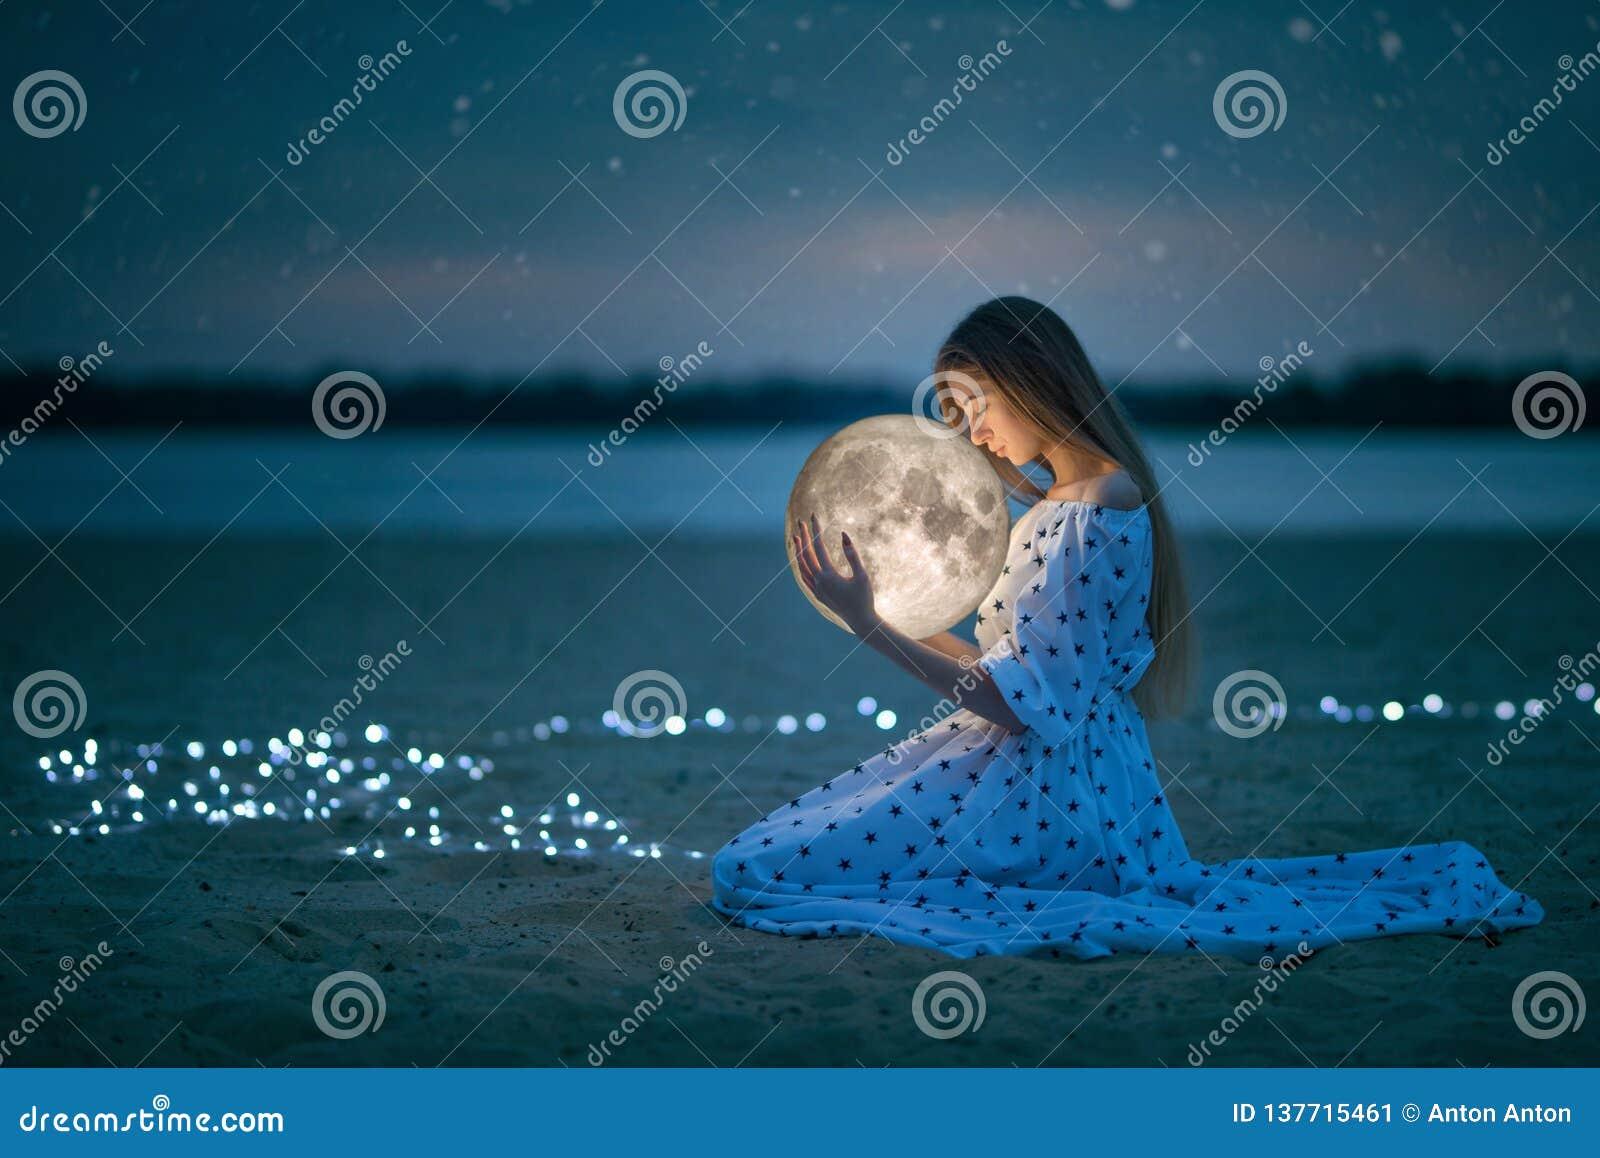 La belle fille attirante sur une plage de nuit avec le sable et les étoiles étreint la lune, photographie artistique